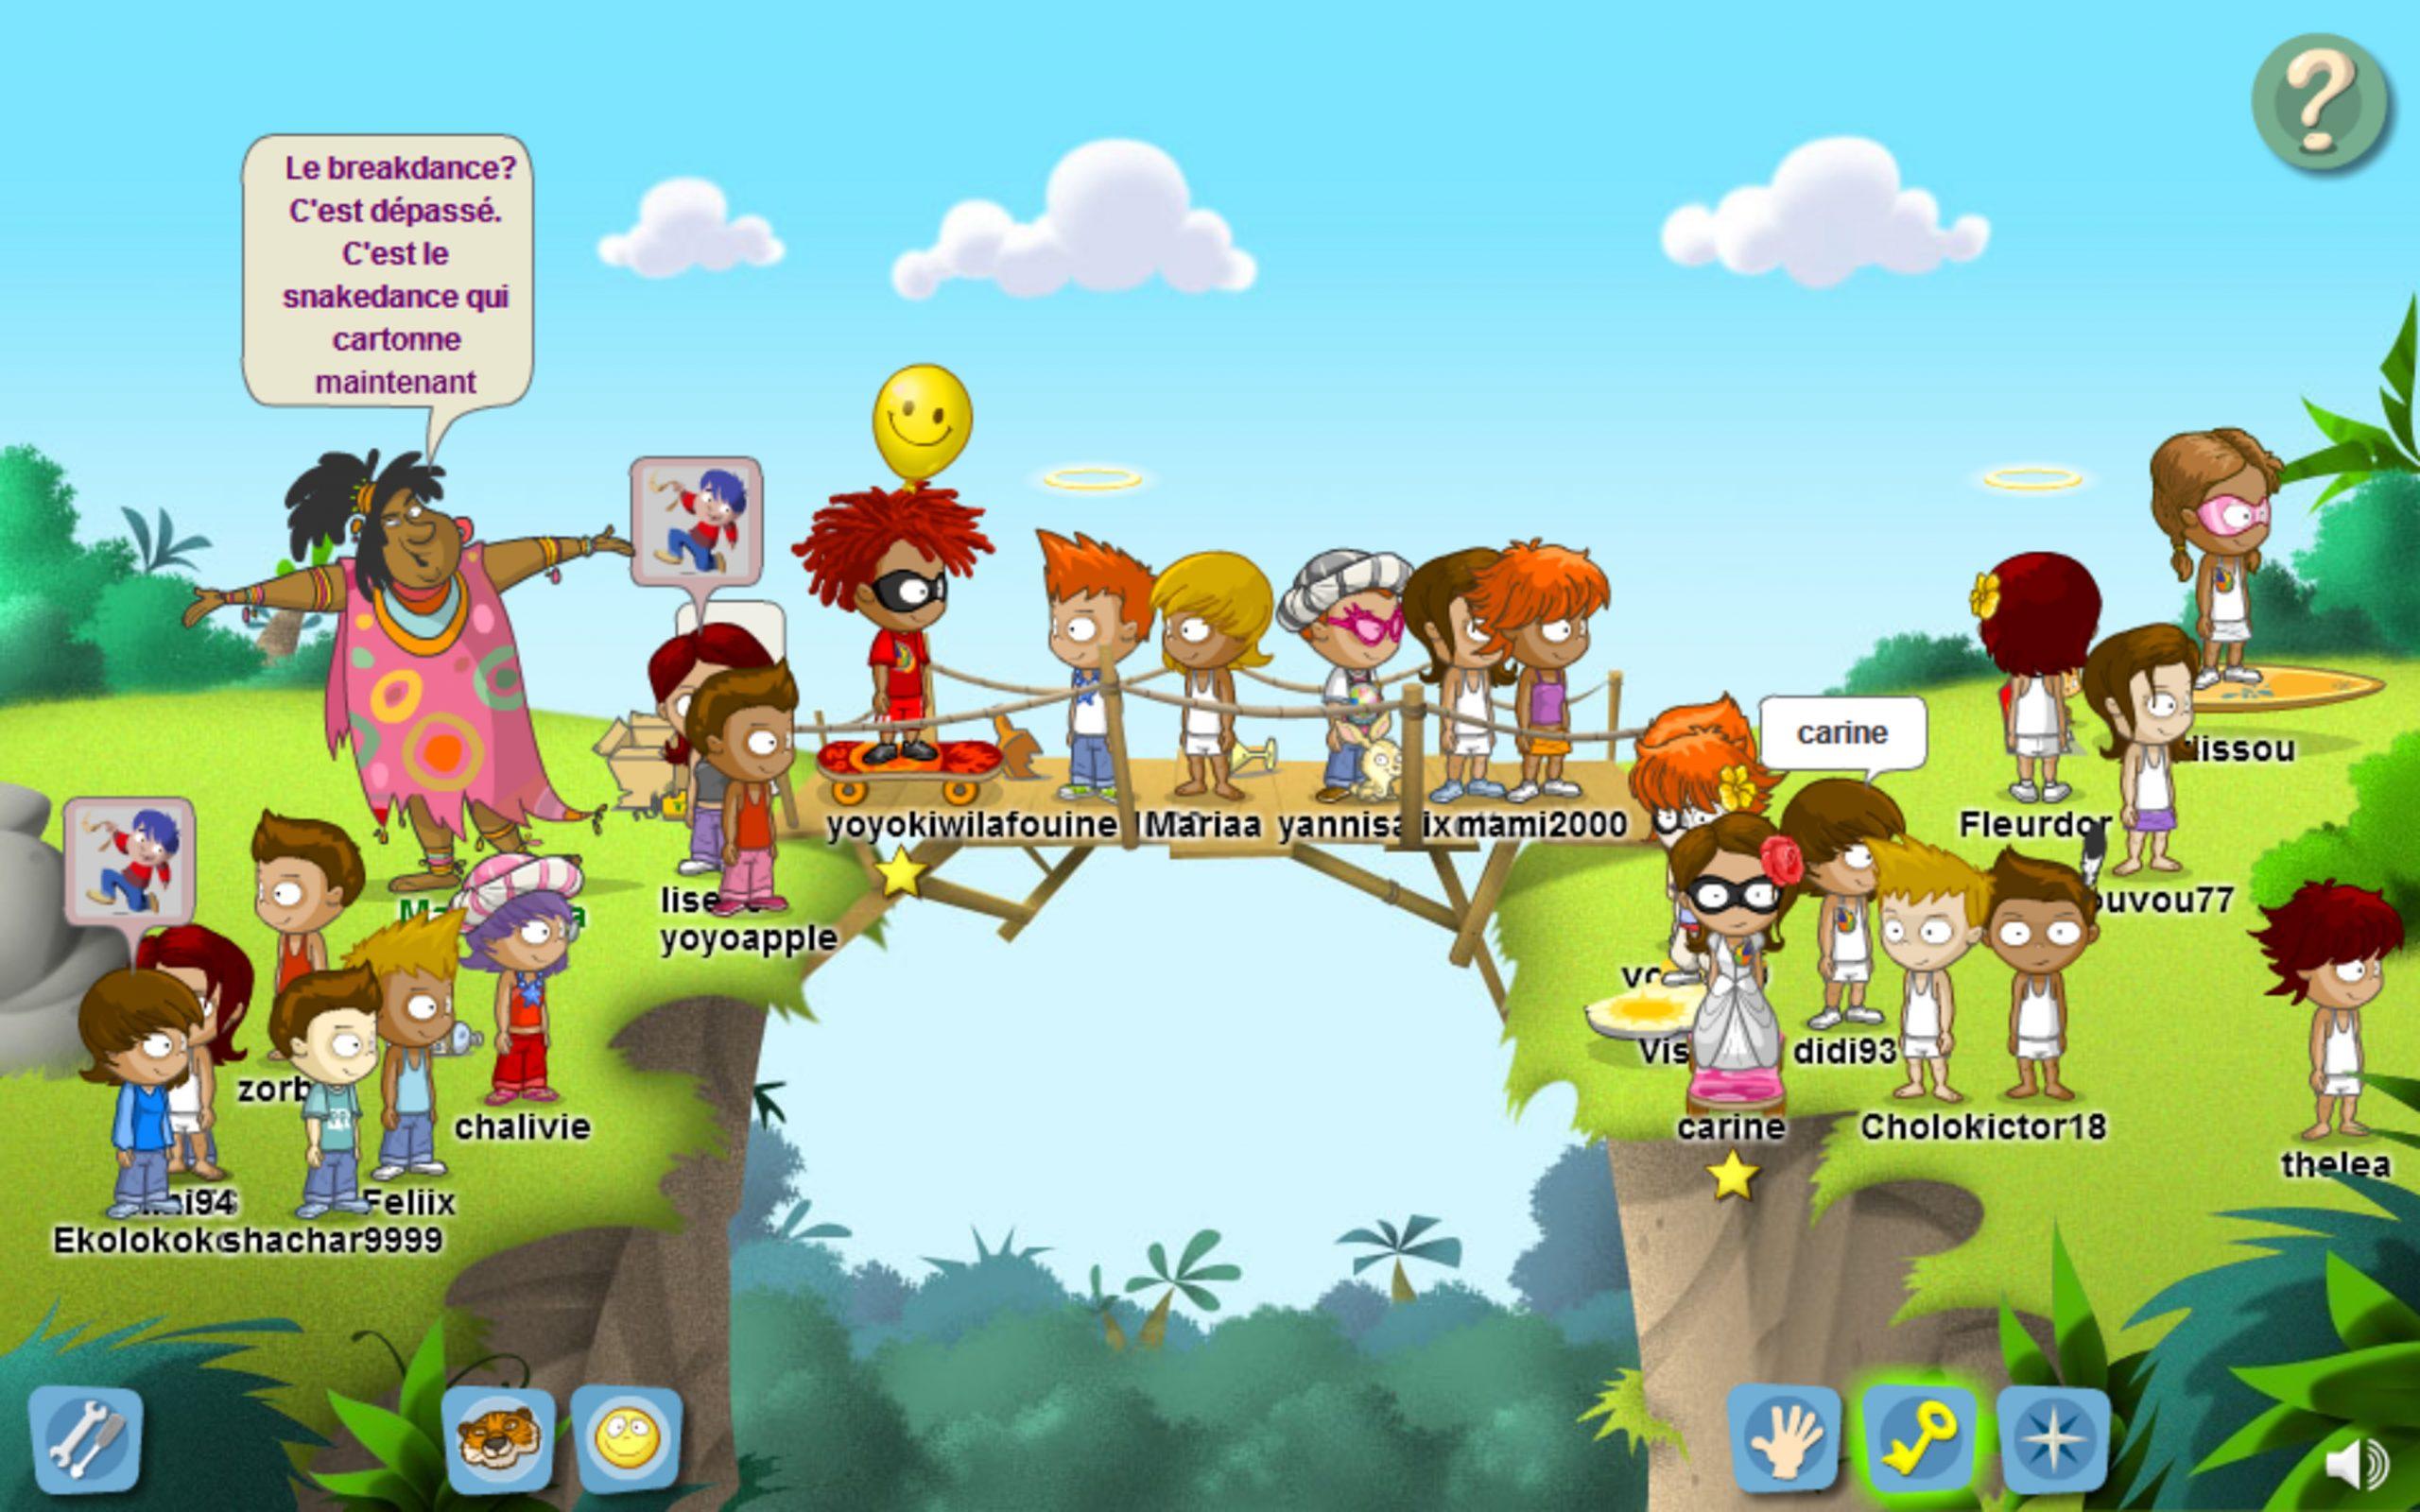 Comment Expliquer Le Développement Durable À Nos Enfants ? tout Jeux Gratuit Enfant 3 Ans